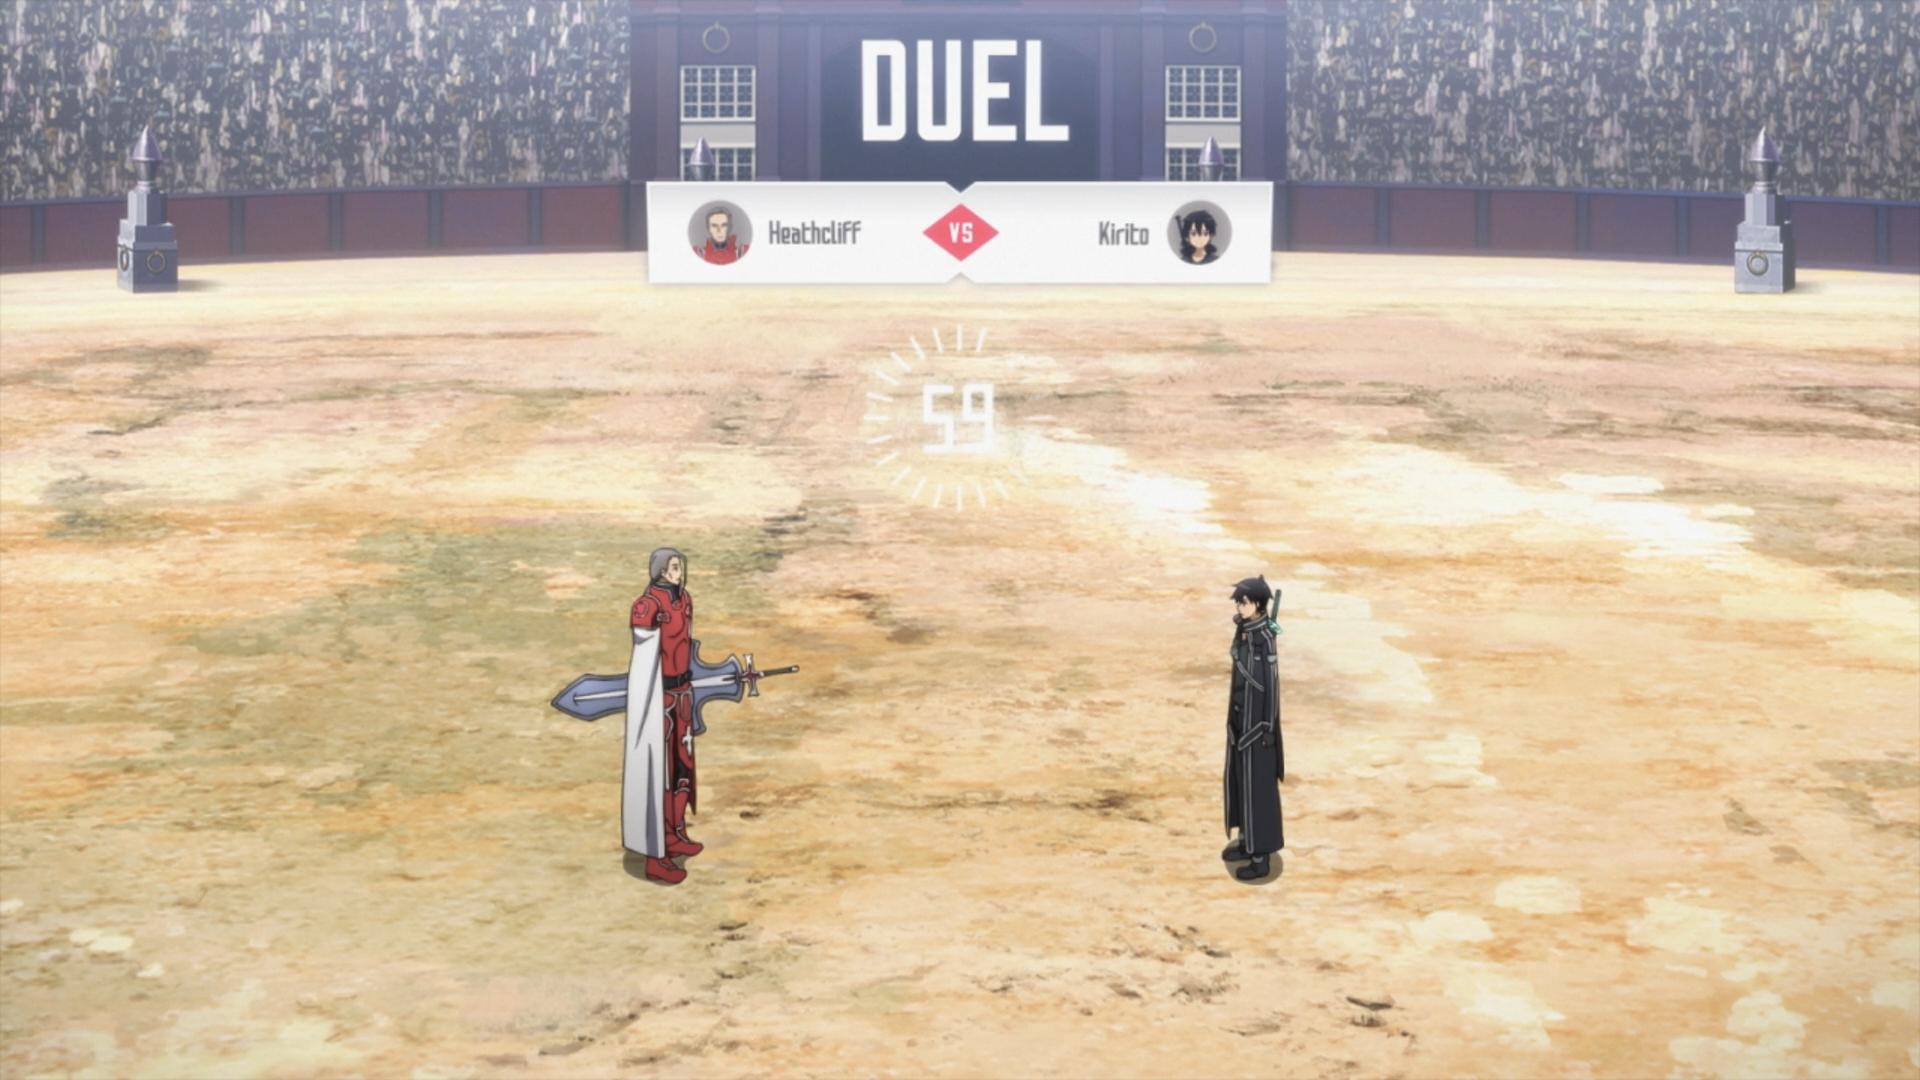 Kane Kioshi vs. Akimoto Heikichi  [SAO Edition] Heathcliff_VS_Kirito_BD